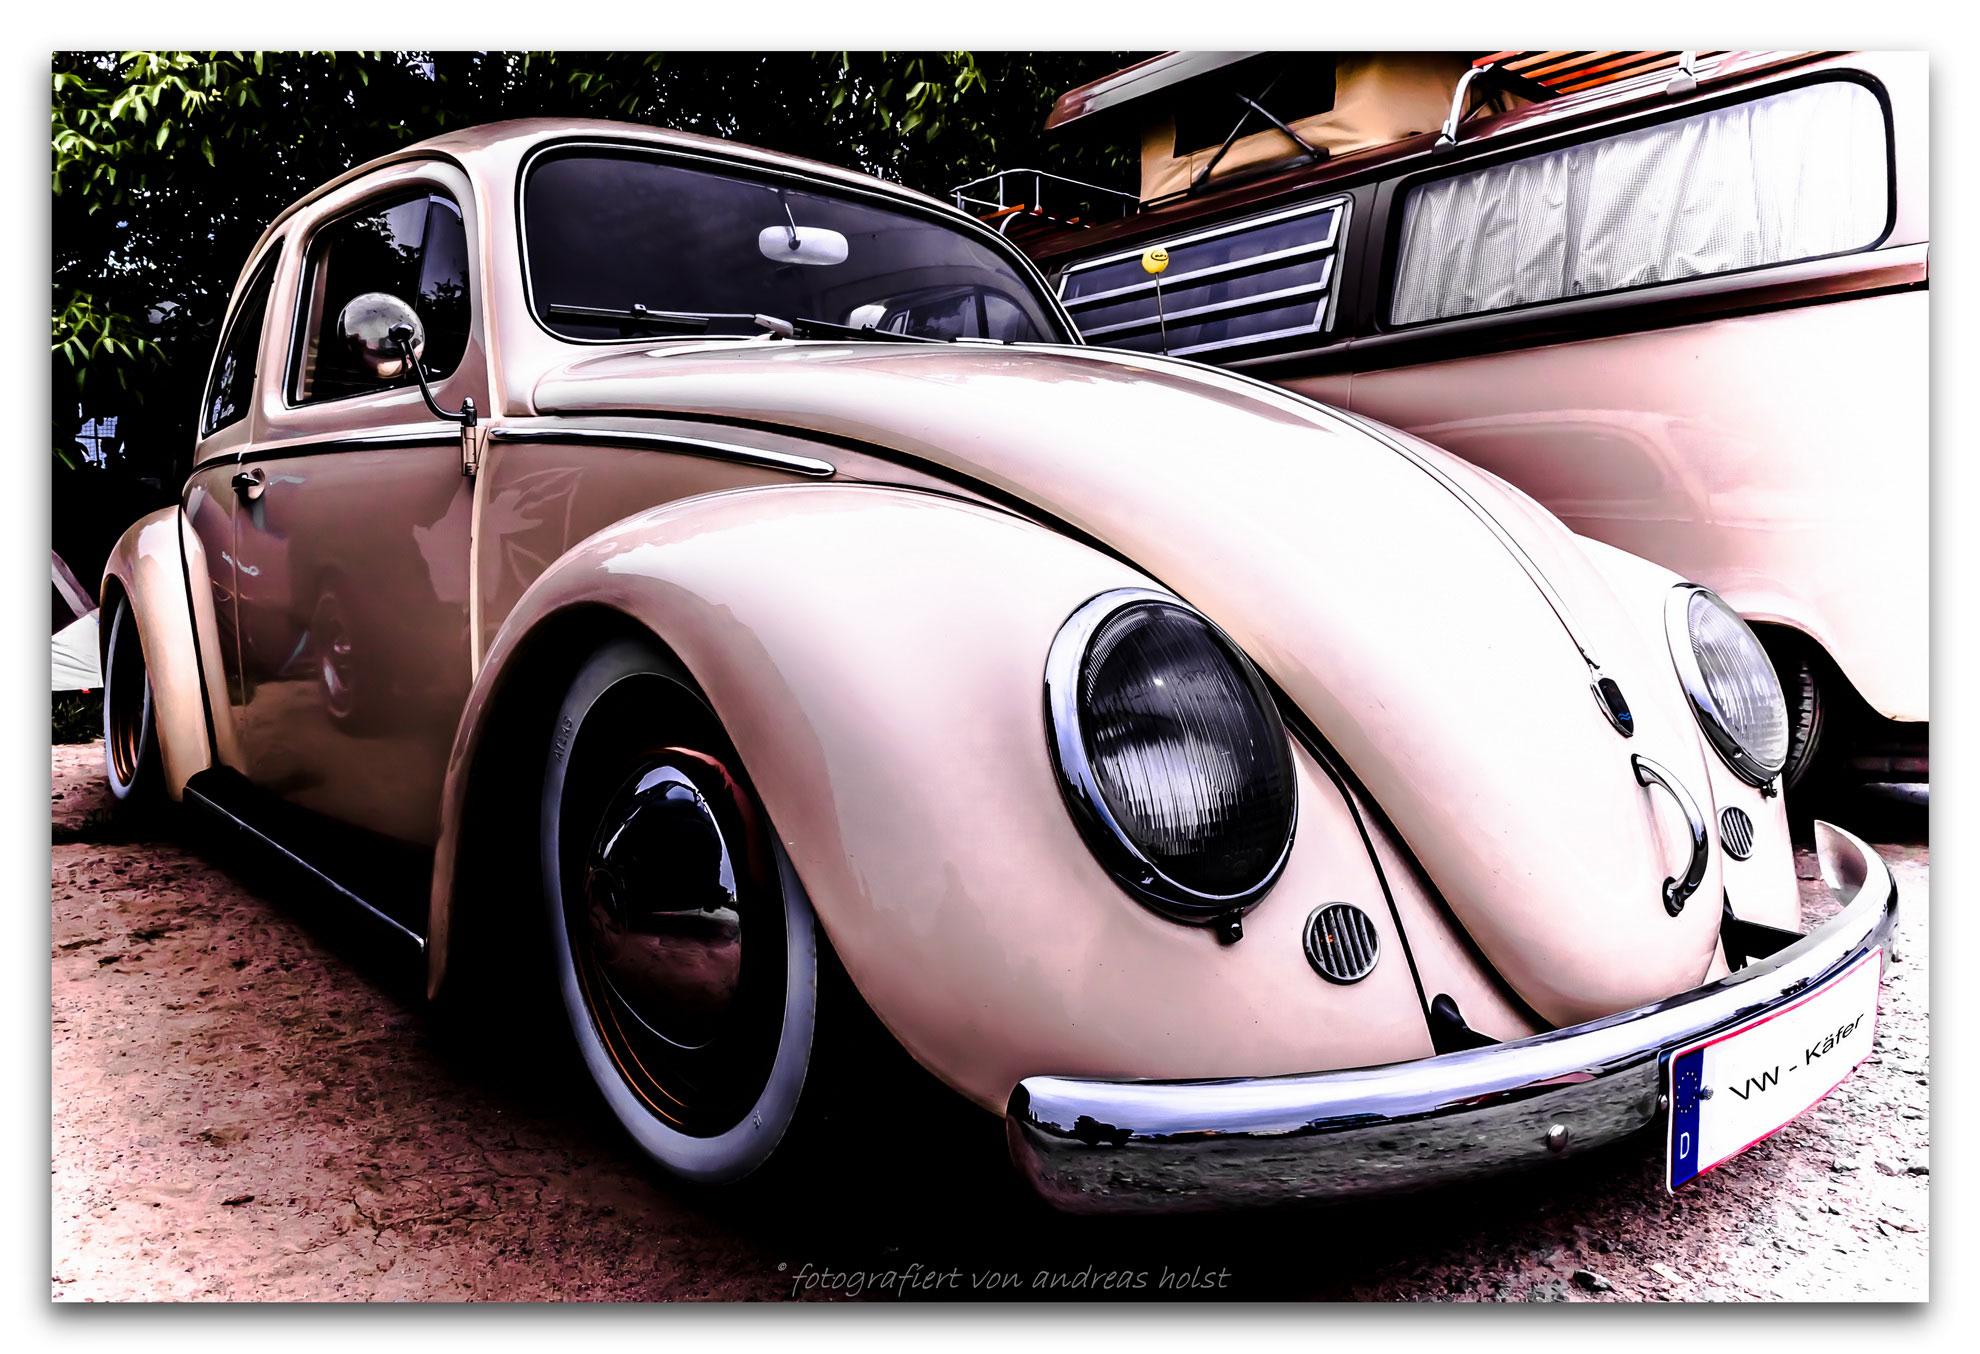 Krautsand-VW-treffen-3